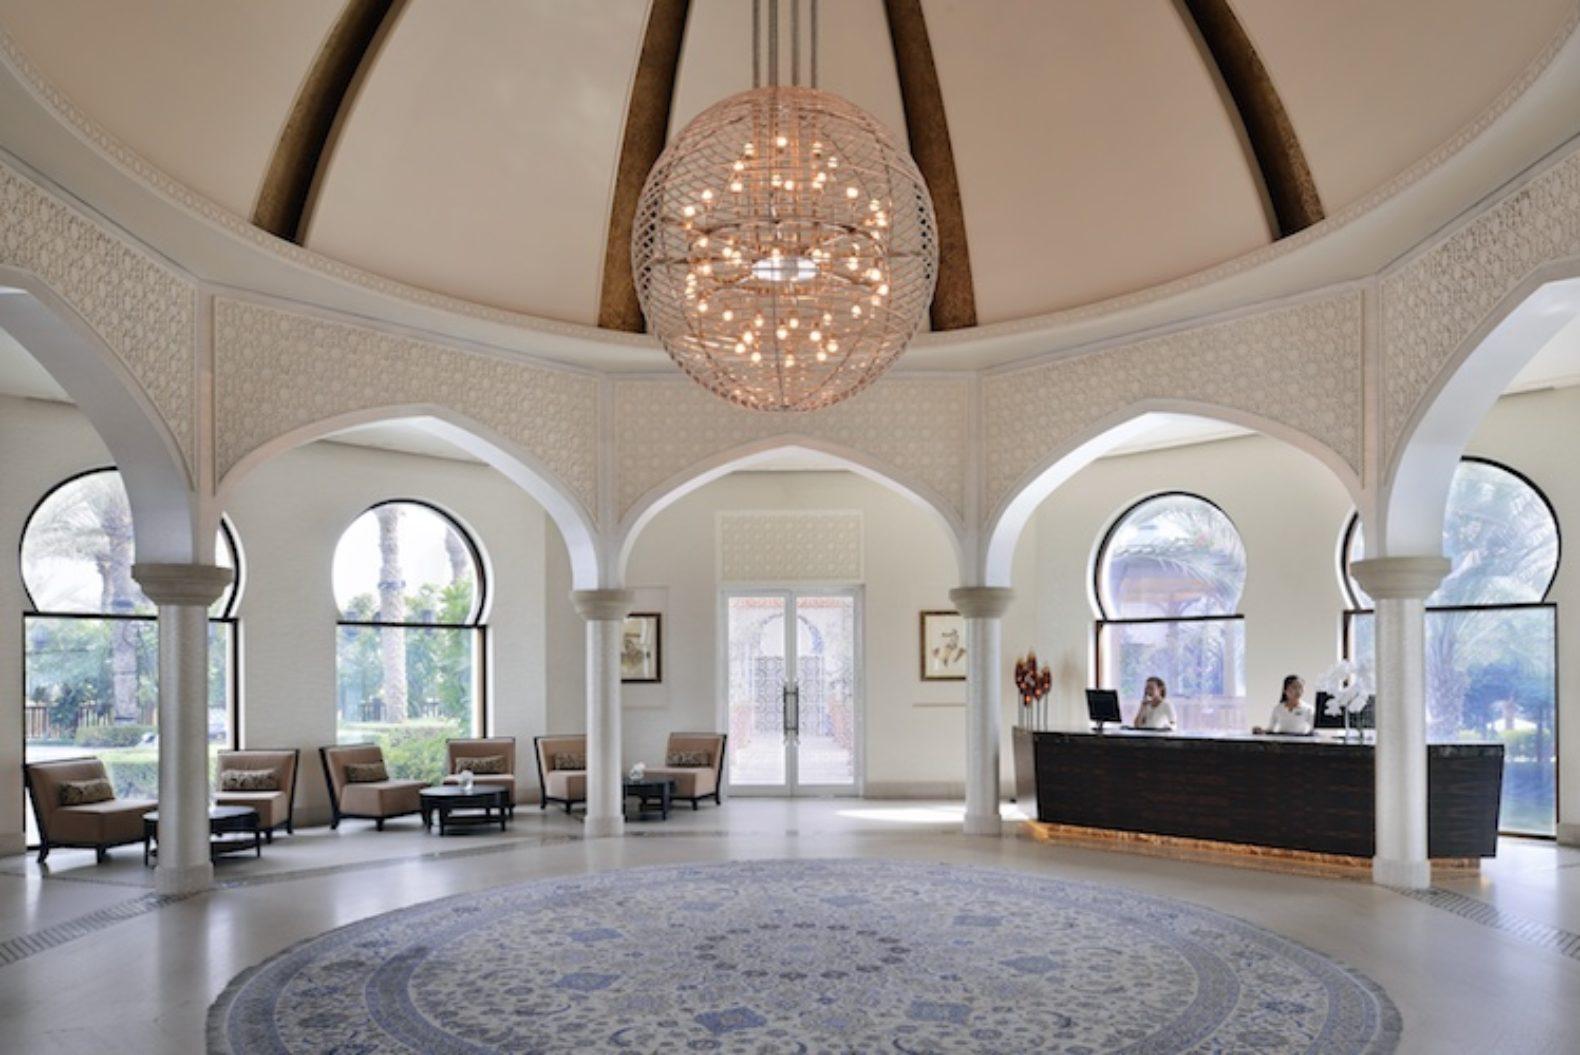 spacious-modern-lobby-entrance-hall-park-hyatt-dubai-hotel